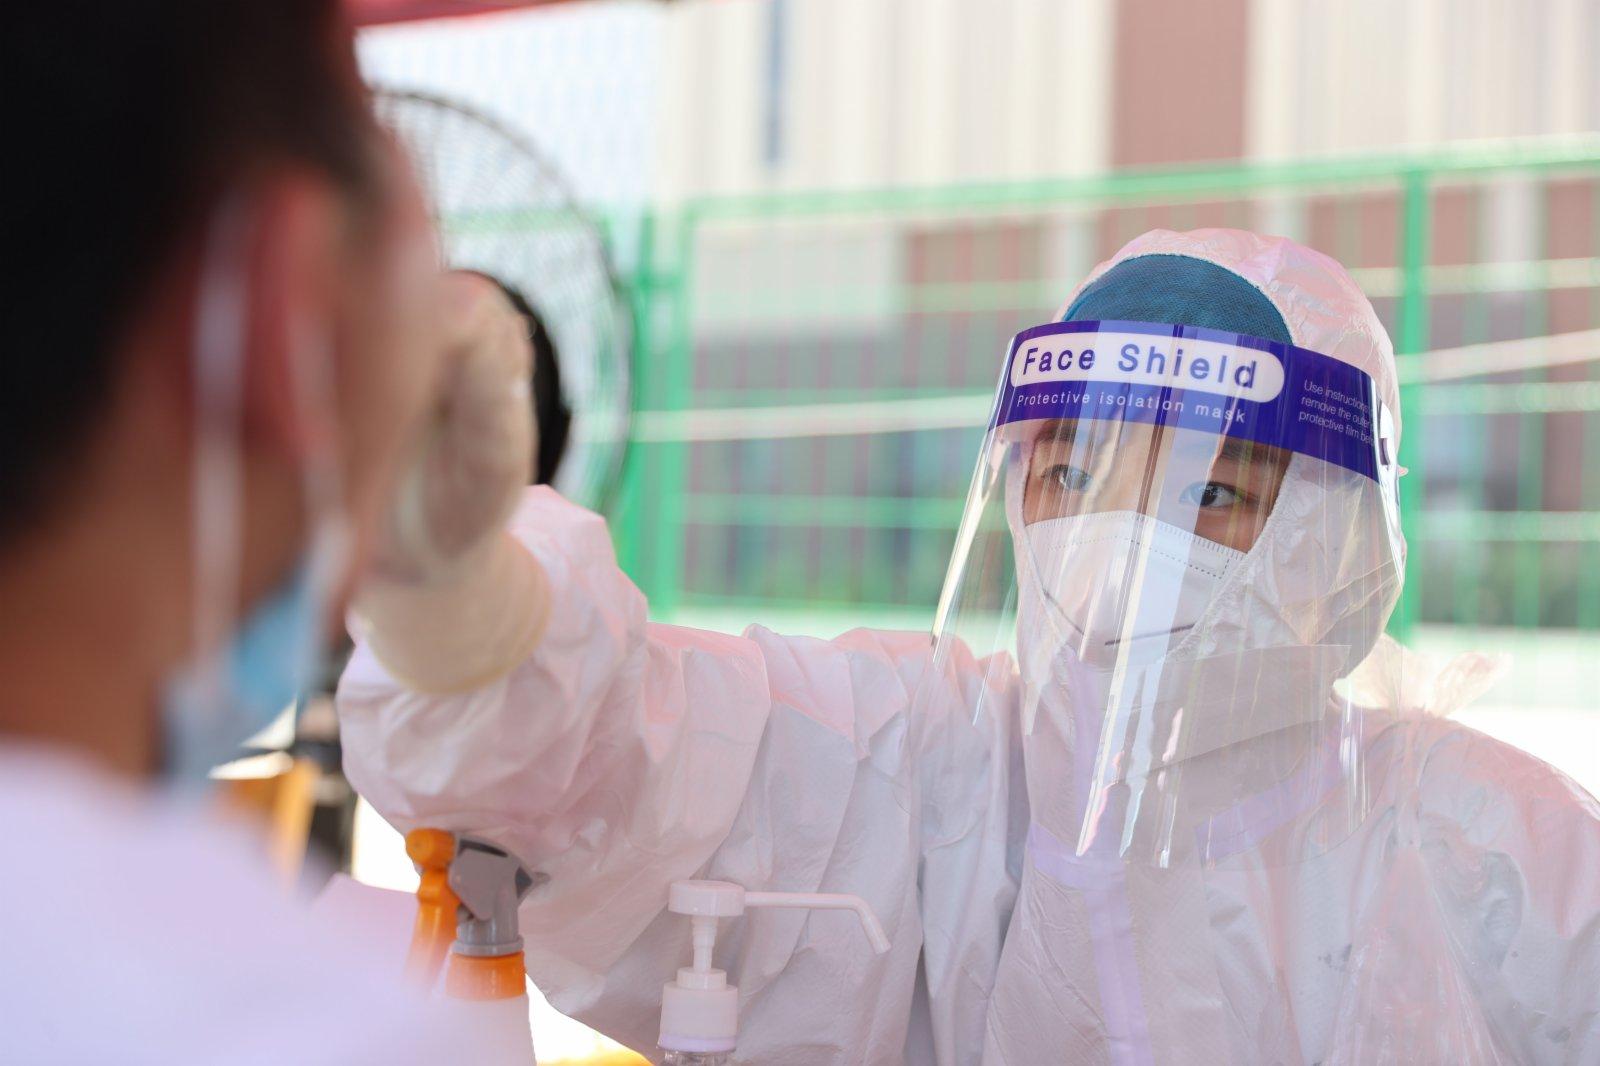 9月14日,在廈門市思明區篔簹街道金橋社區檢測點,醫務人員為市民進行核酸檢測採樣。(新華社)